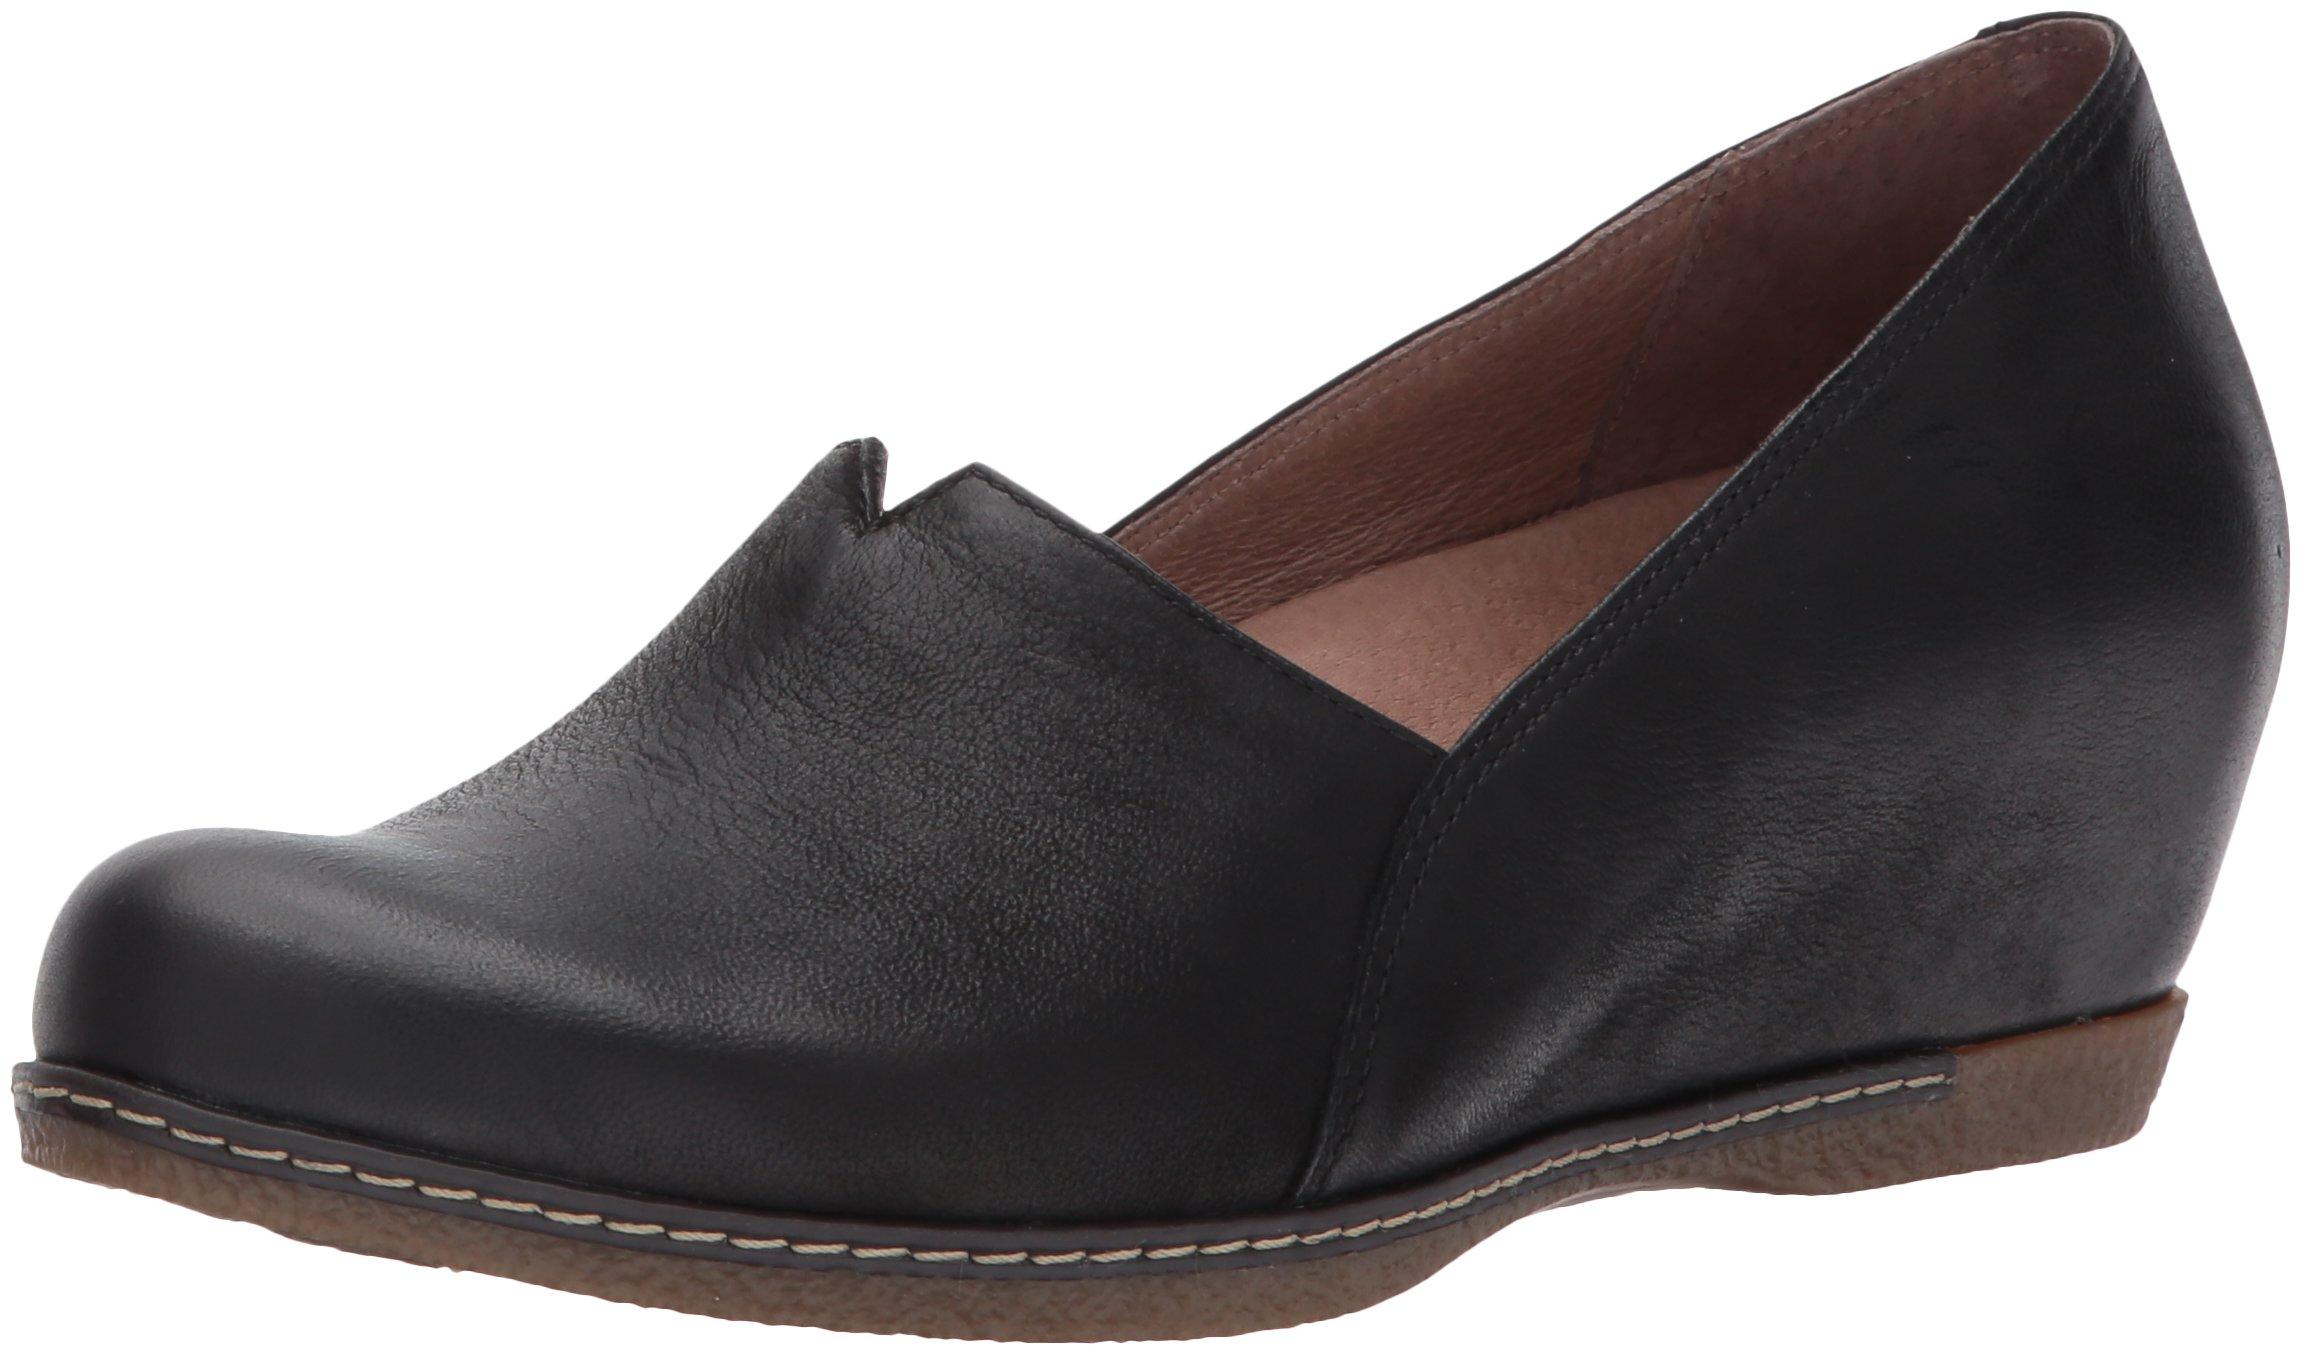 dansko Women's Liliana Loafer Flat, Black Burnished Nubuck, 39 M EU (8.5-9 US) by Dansko